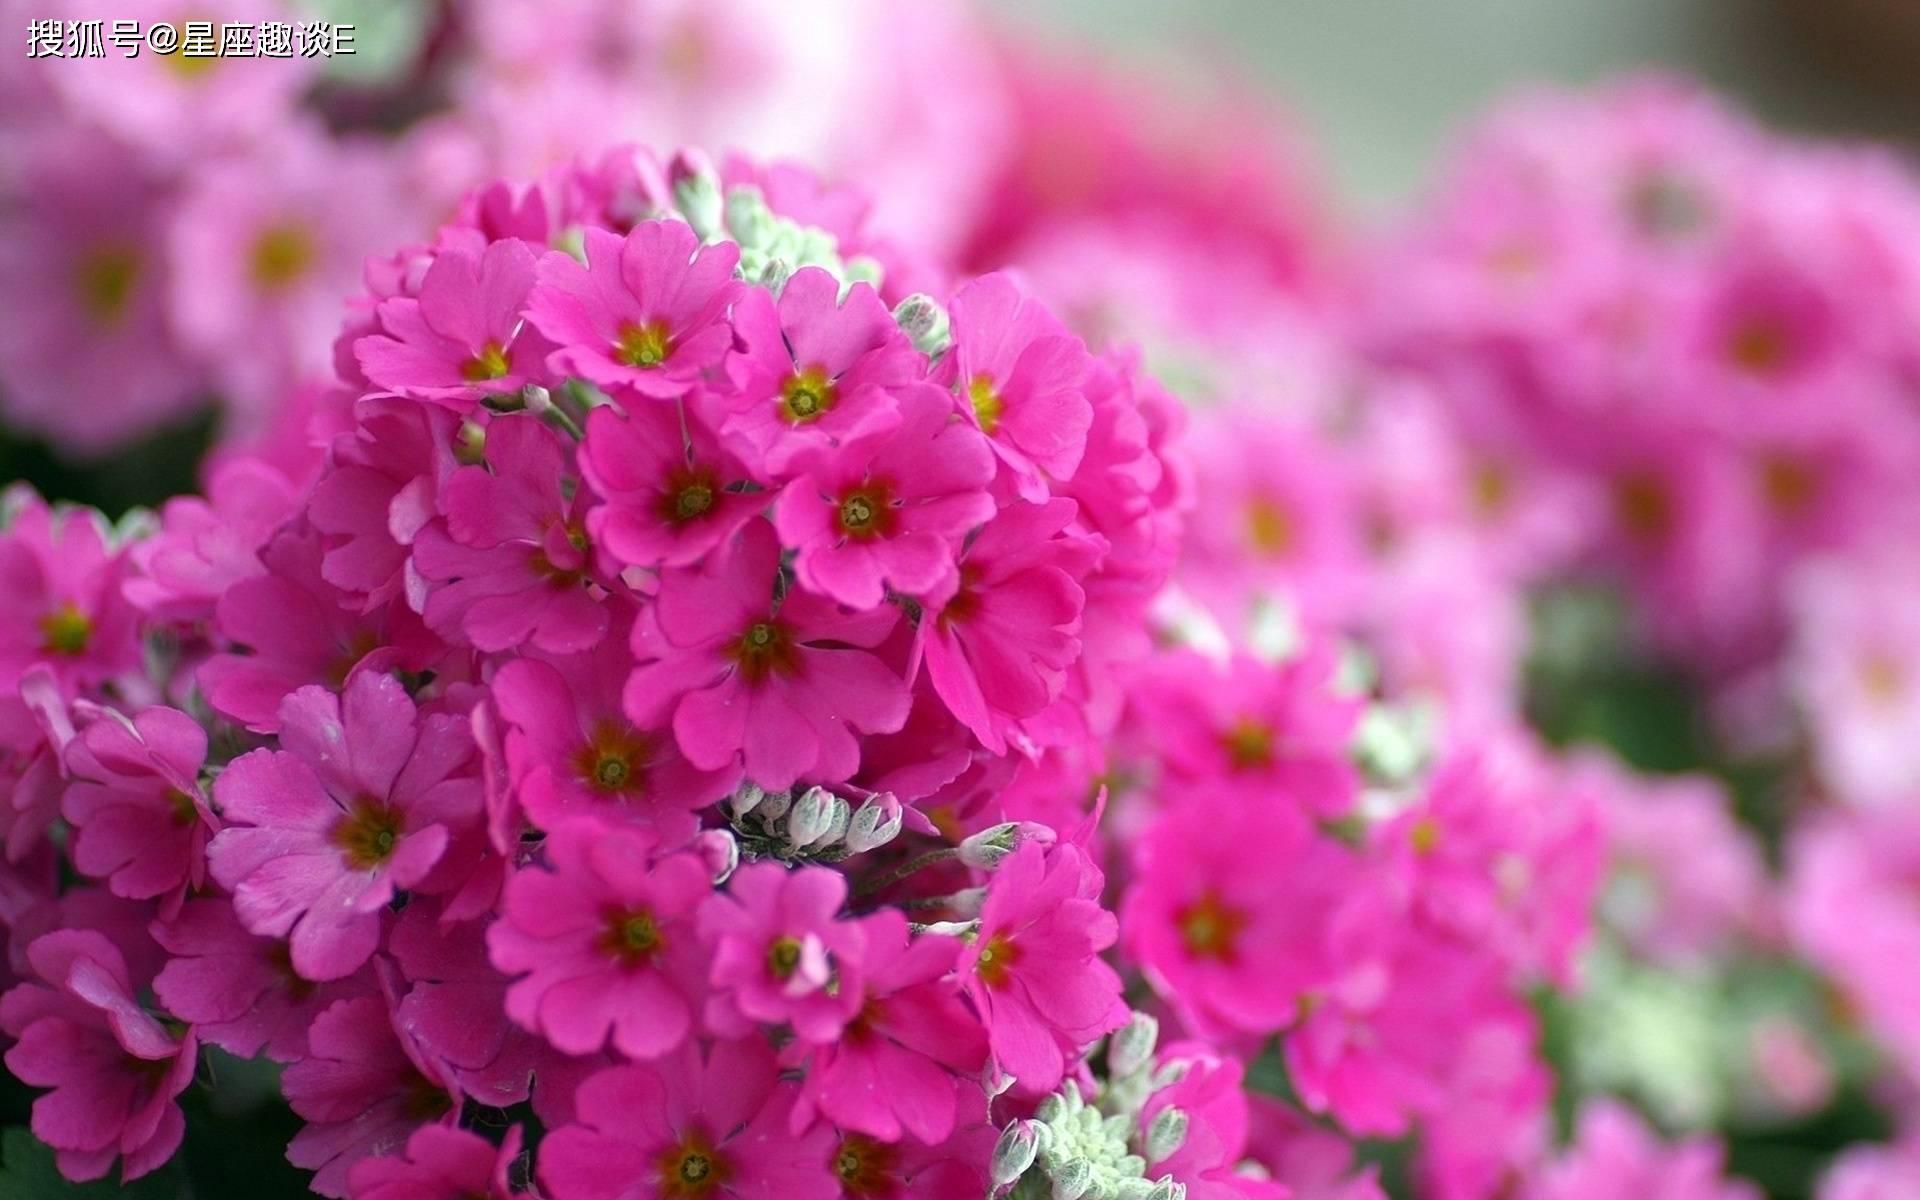 在4月下旬,桃花来袭,天赐良缘,珠联璧合的三大星座  第3张